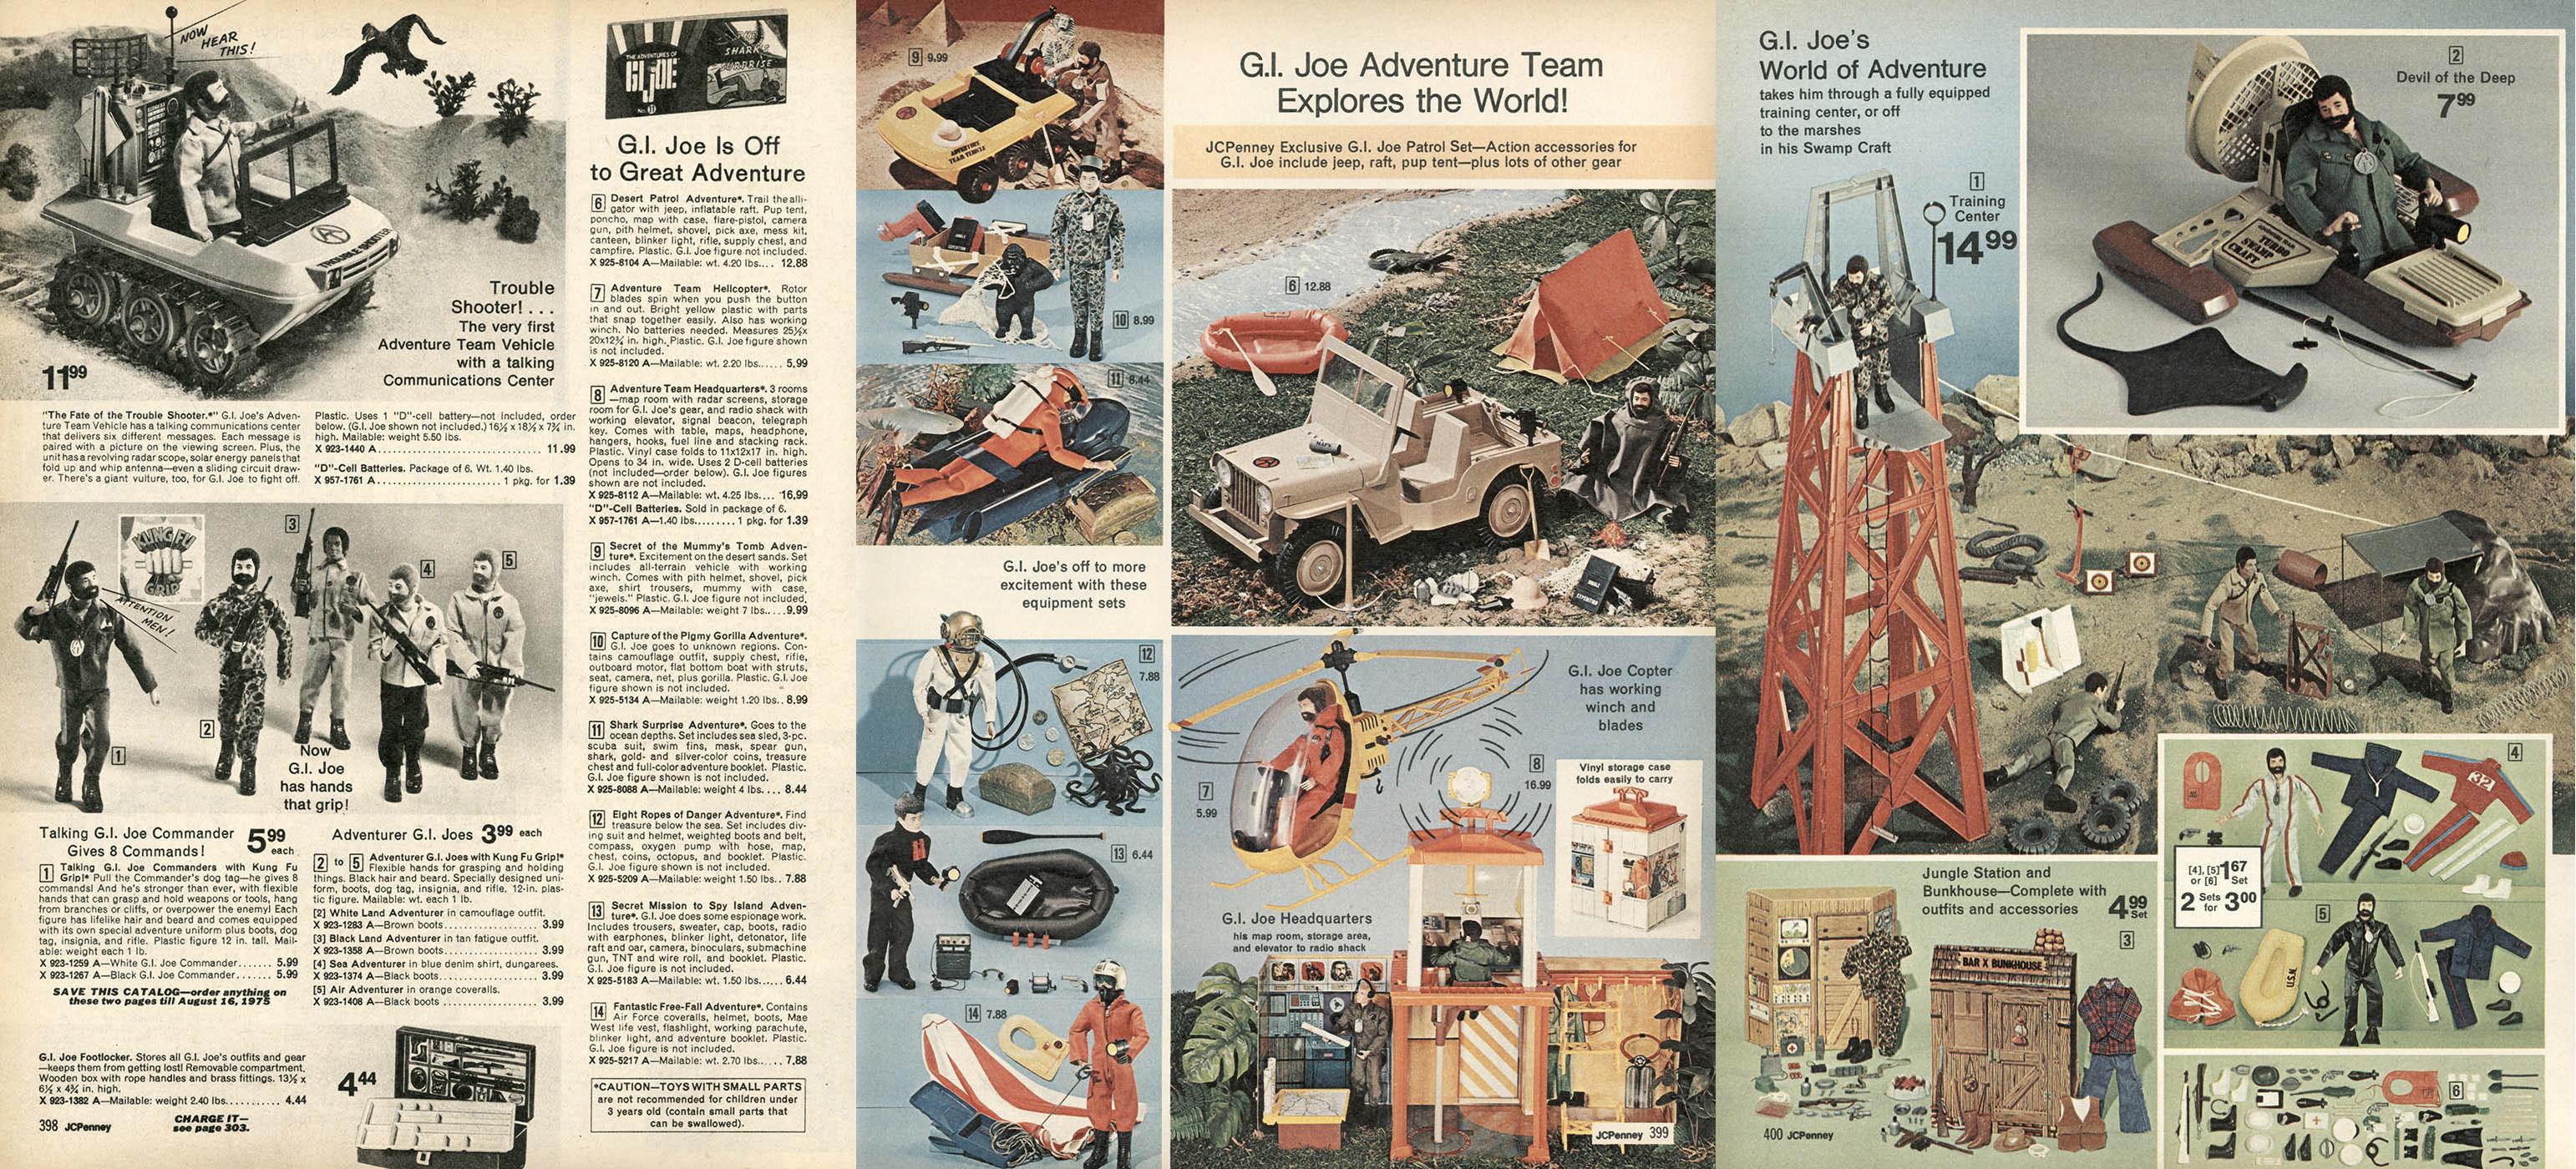 1974 JCPenny Christmas Catalog and G.I. Joe